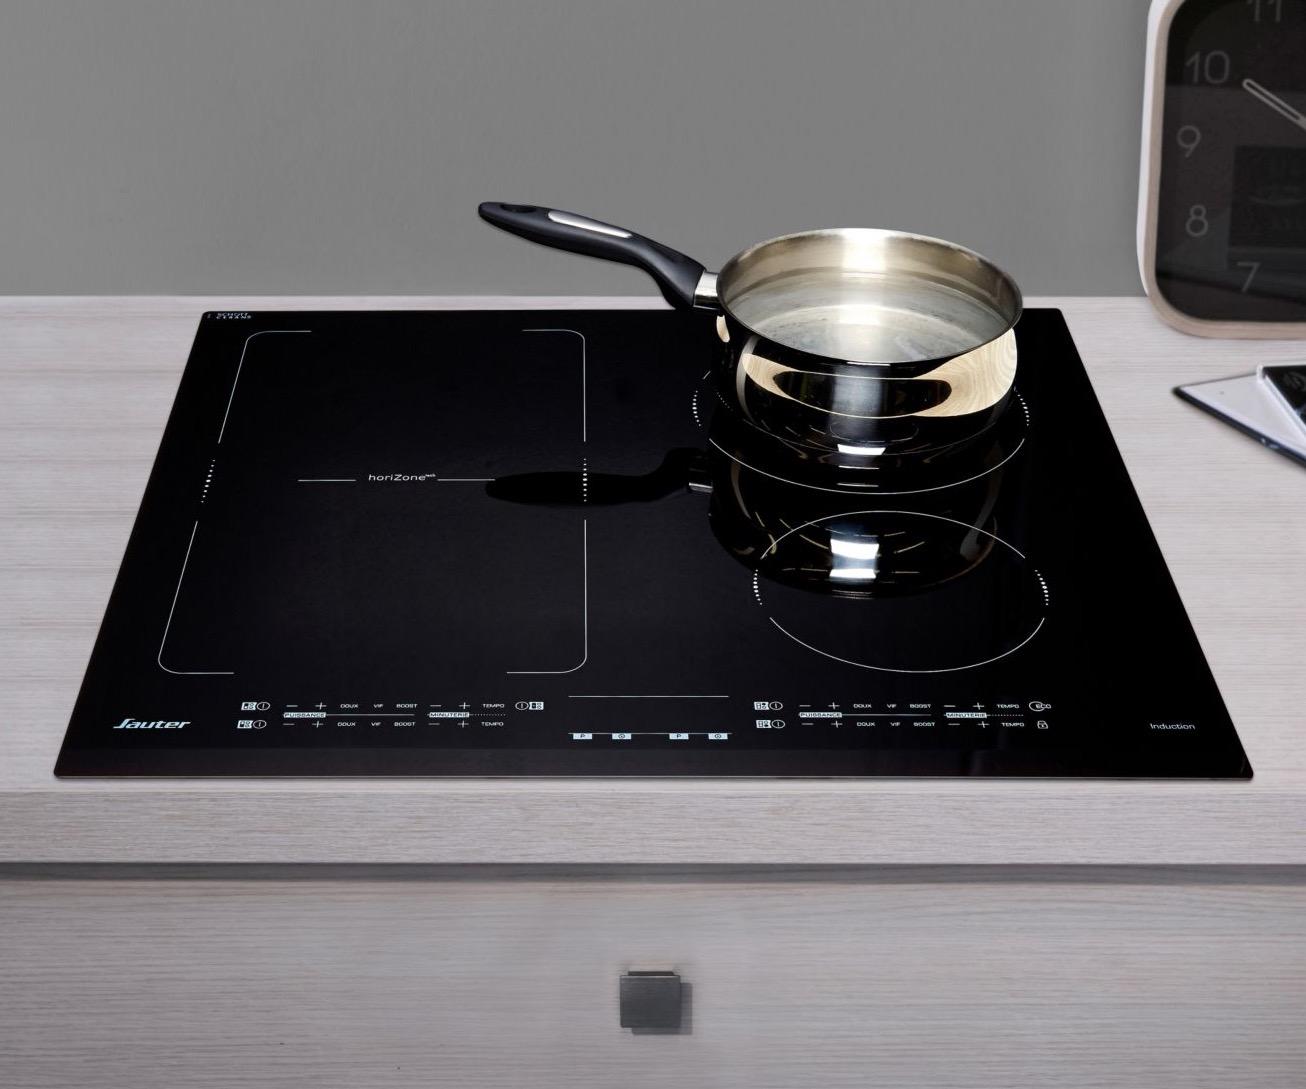 Achat Plaque Induction Pas Cher table induction design sauter ex spi4666b à 549€ < promos